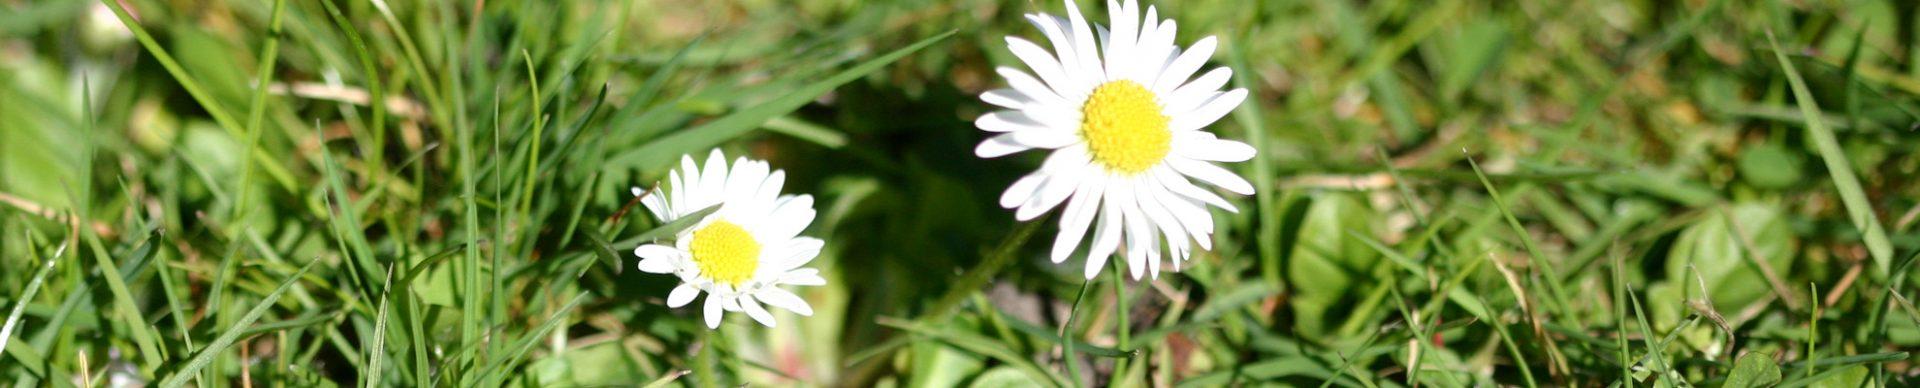 Gänseblümchen - wer hat sie nicht als Kind gepfückt. Sie werden in der Naturheilkunde bei verschiedenen Beschwerden eingesetzt